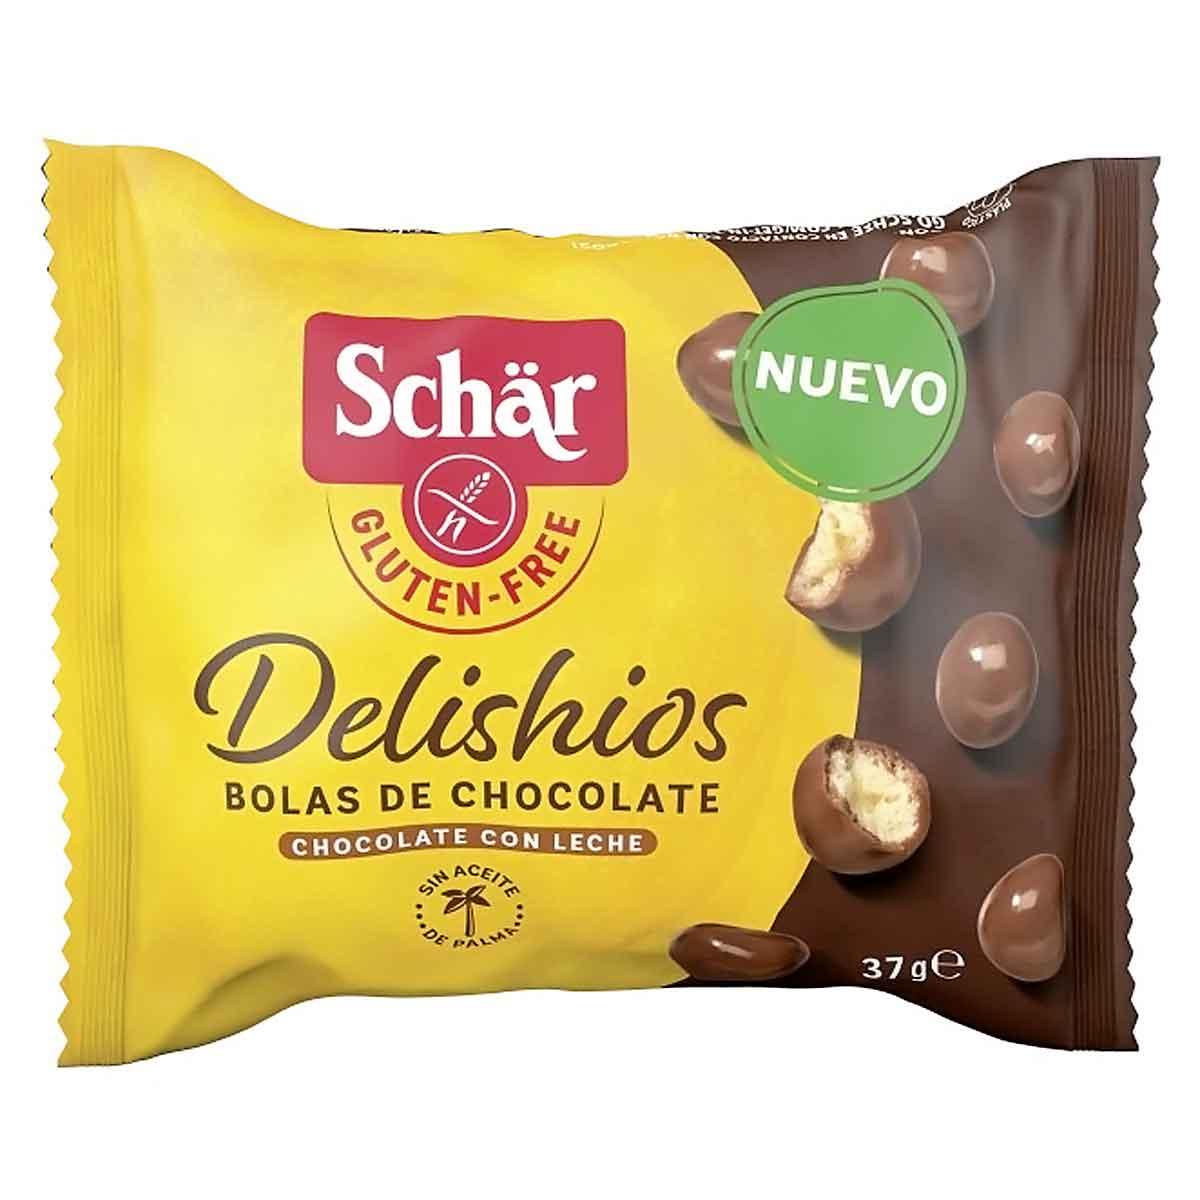 Delishios Schar 37g